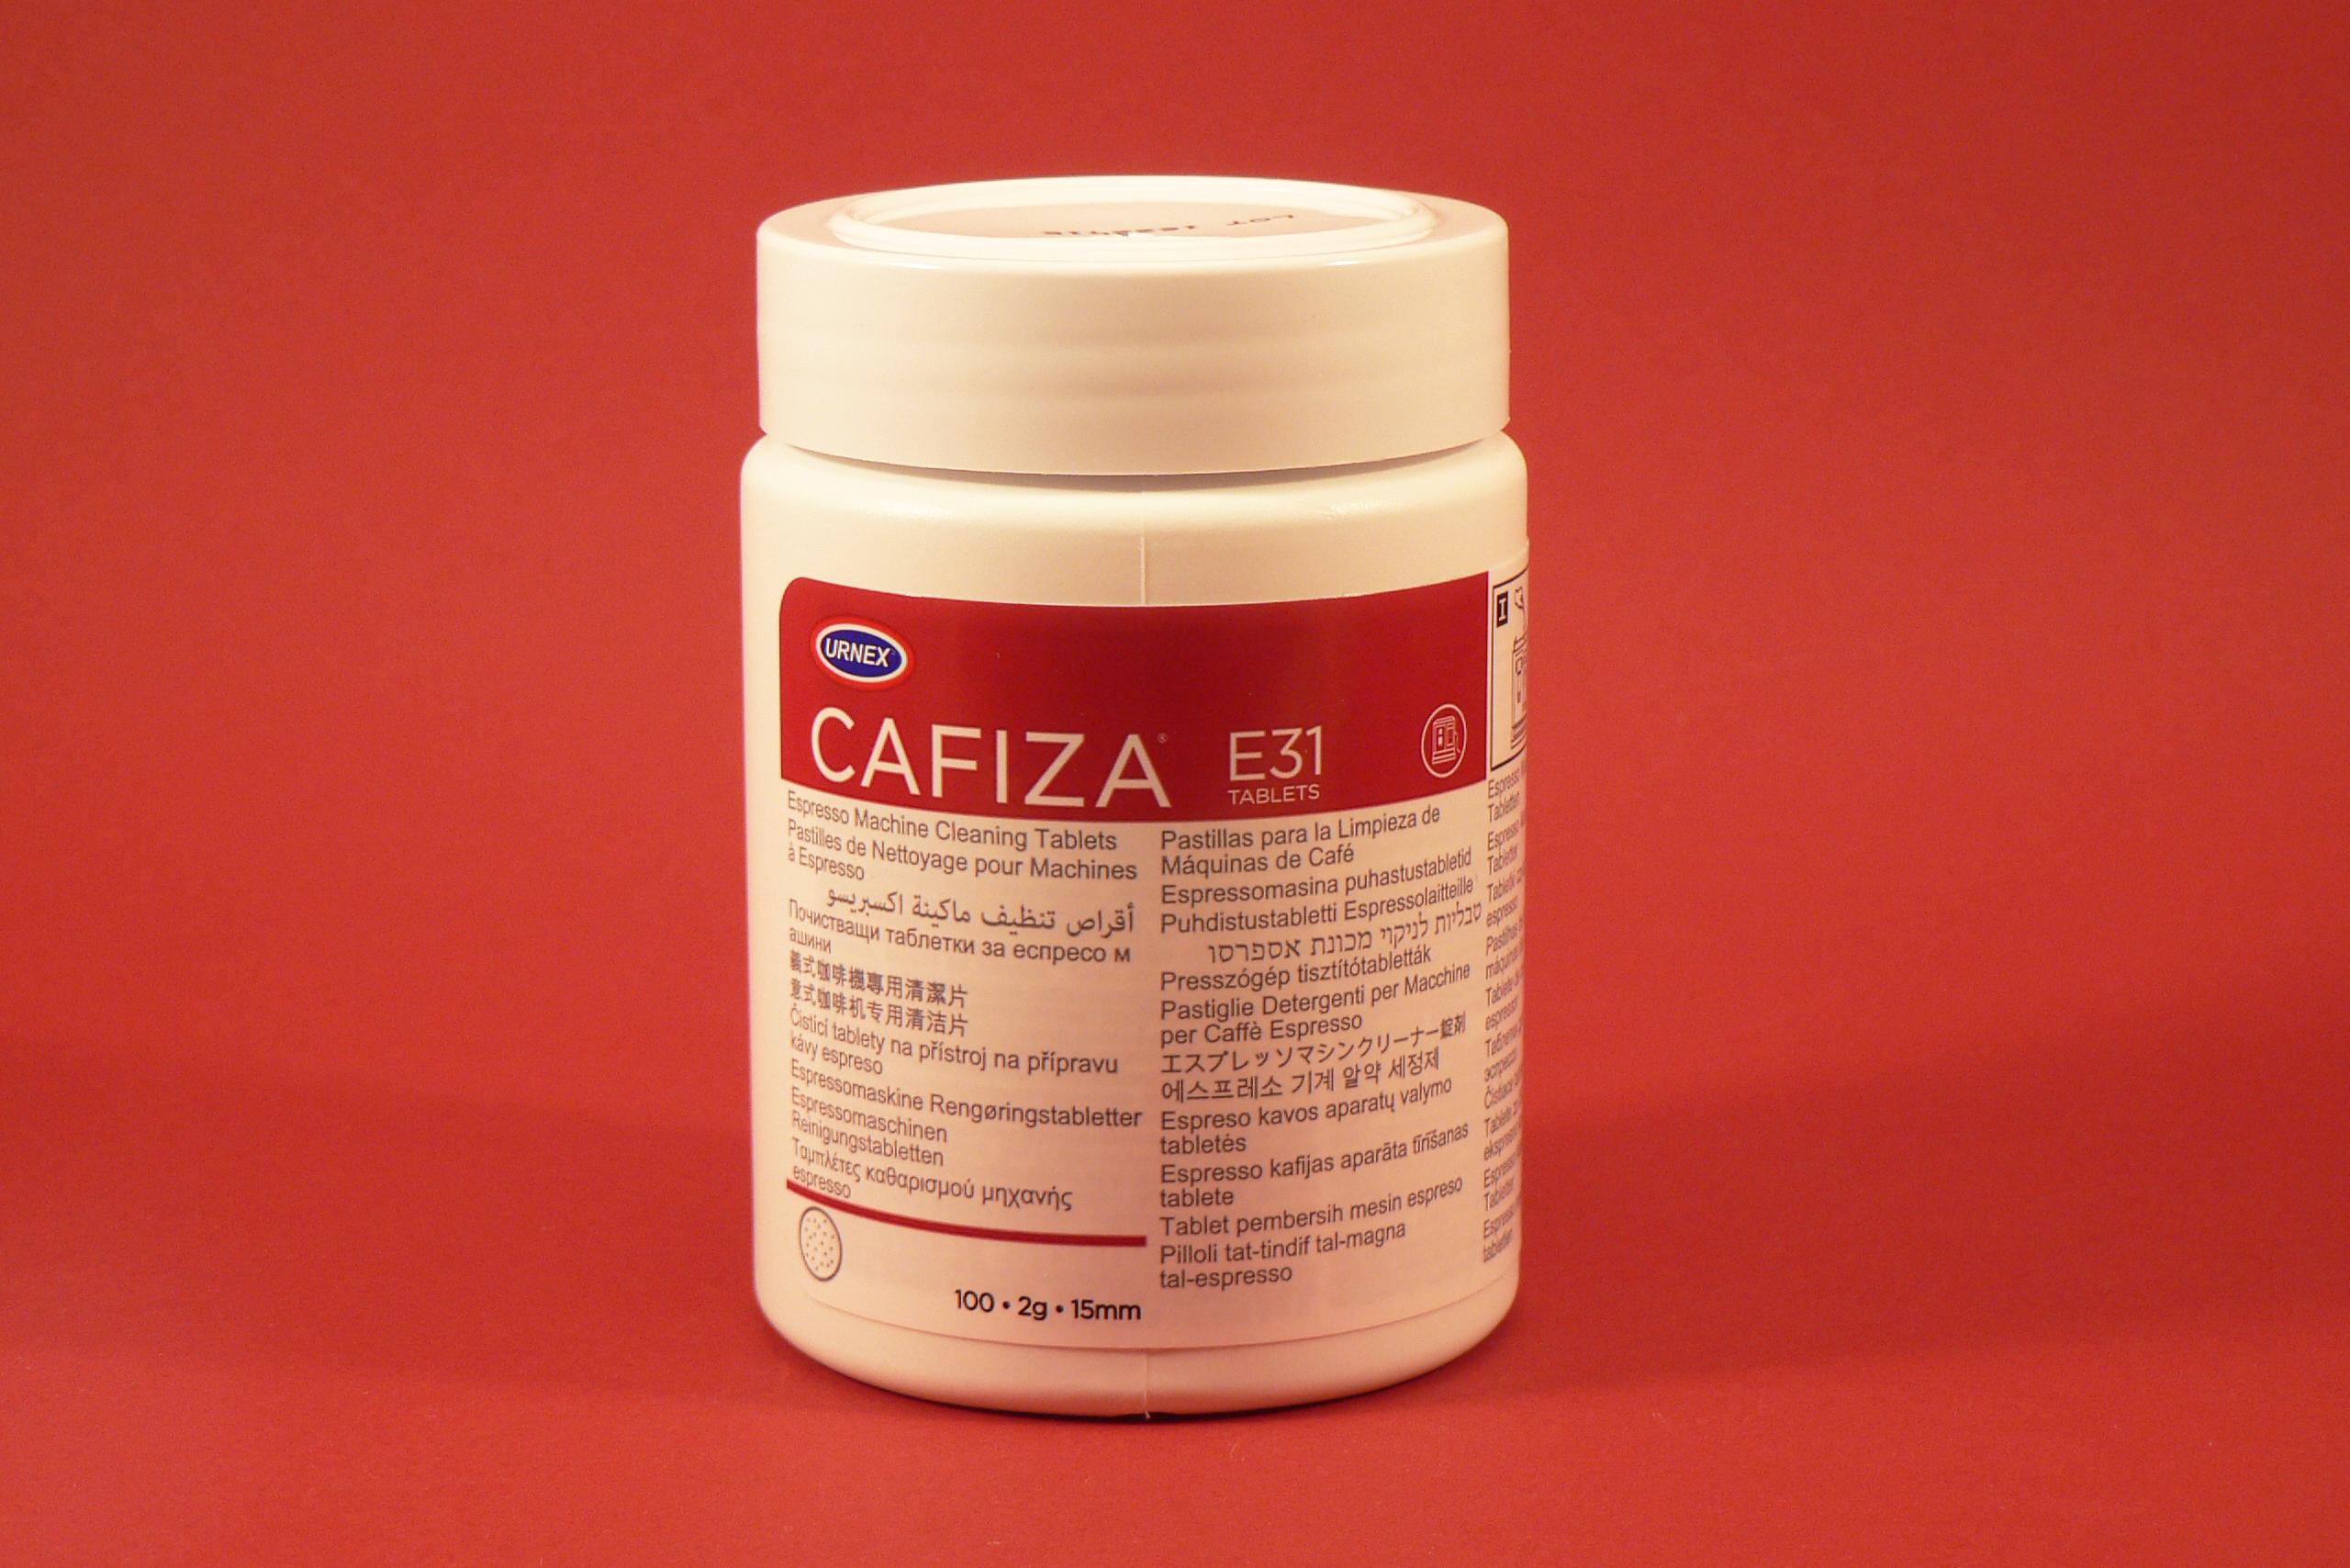 Urnex Cafiza tablety - 100 ks Tablety na čištění automatických kávovarů 100 ks